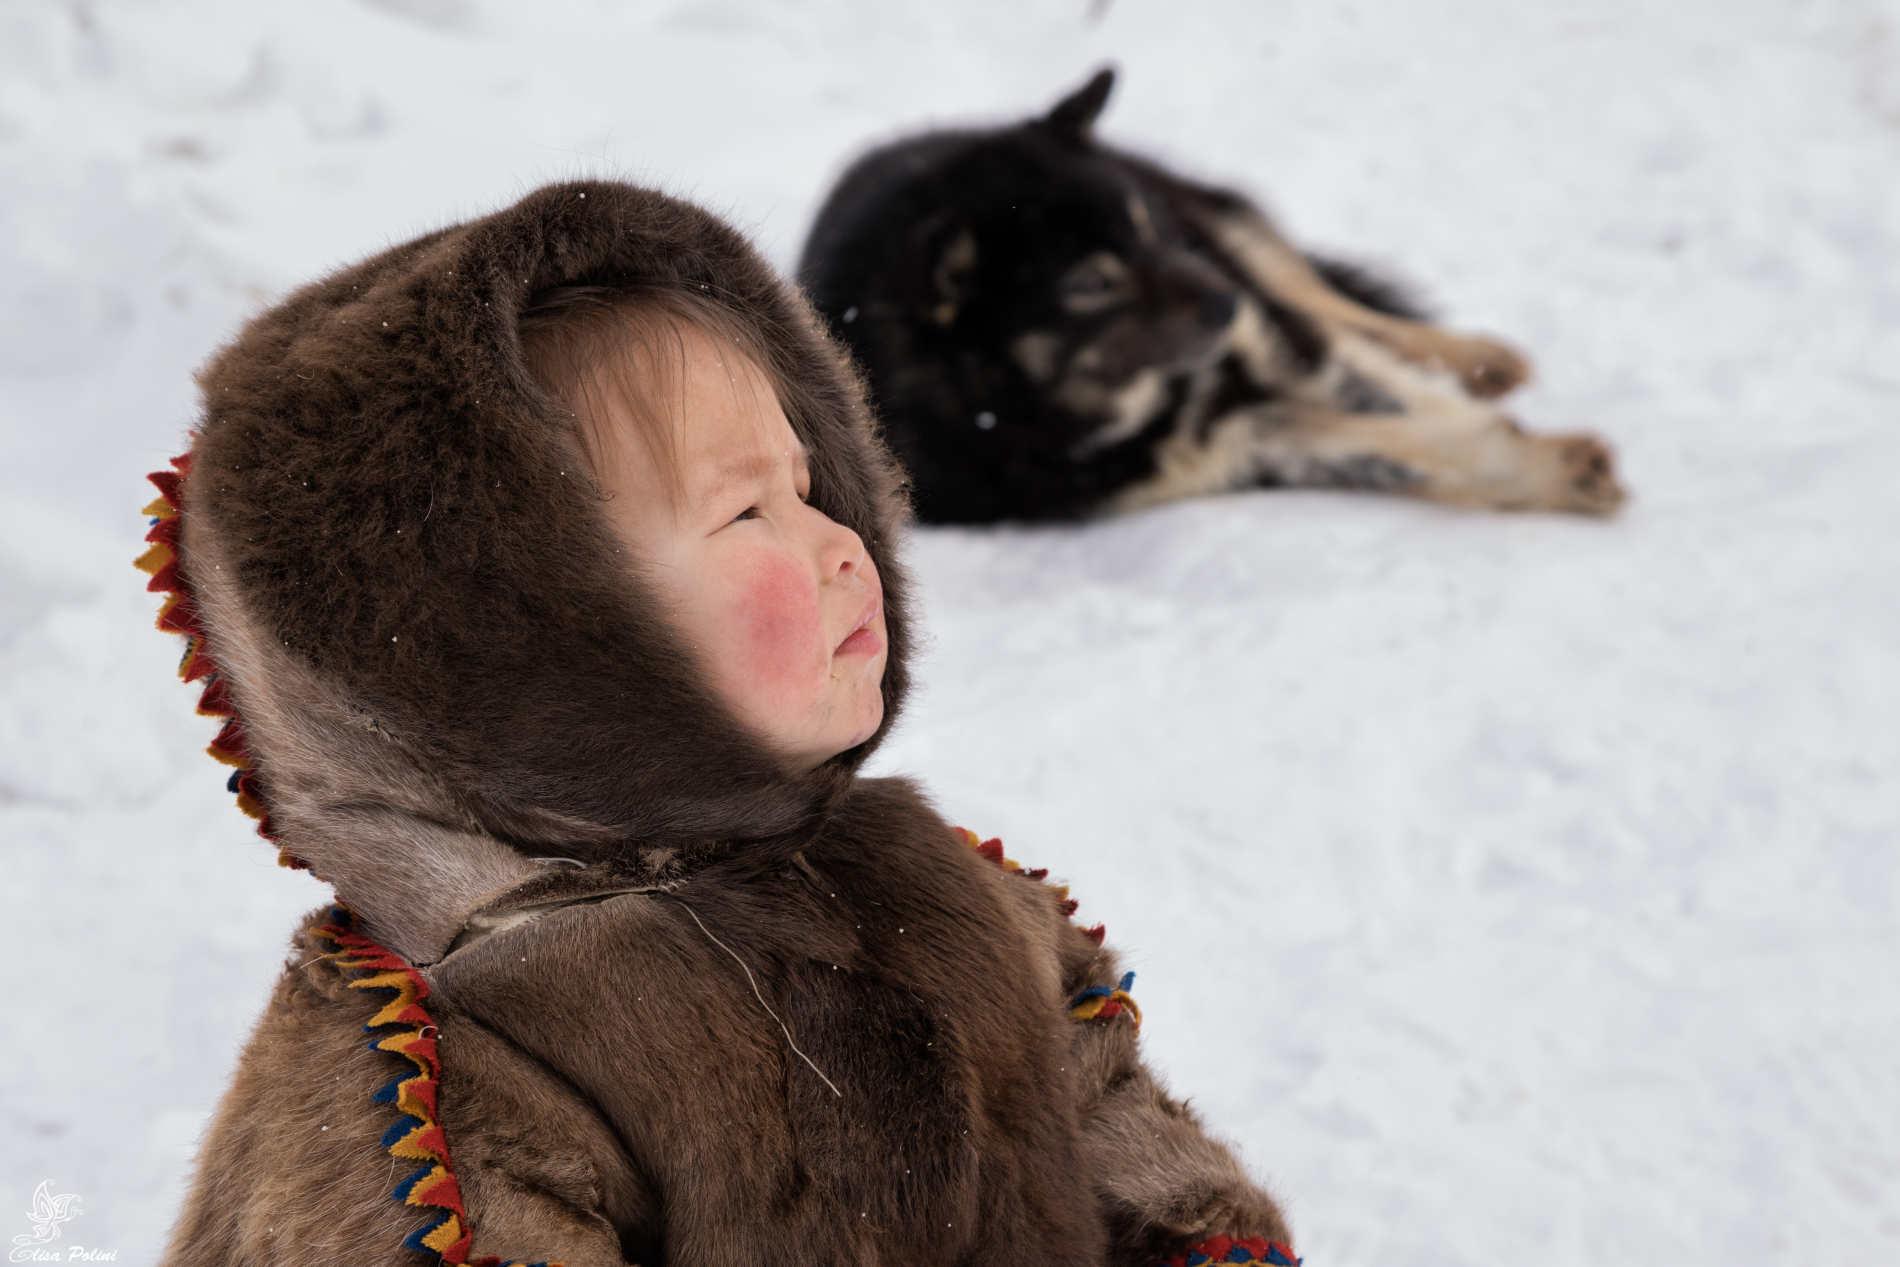 Popolazioni Nenets infinite emozioni della Travel blogger Elisa Polini